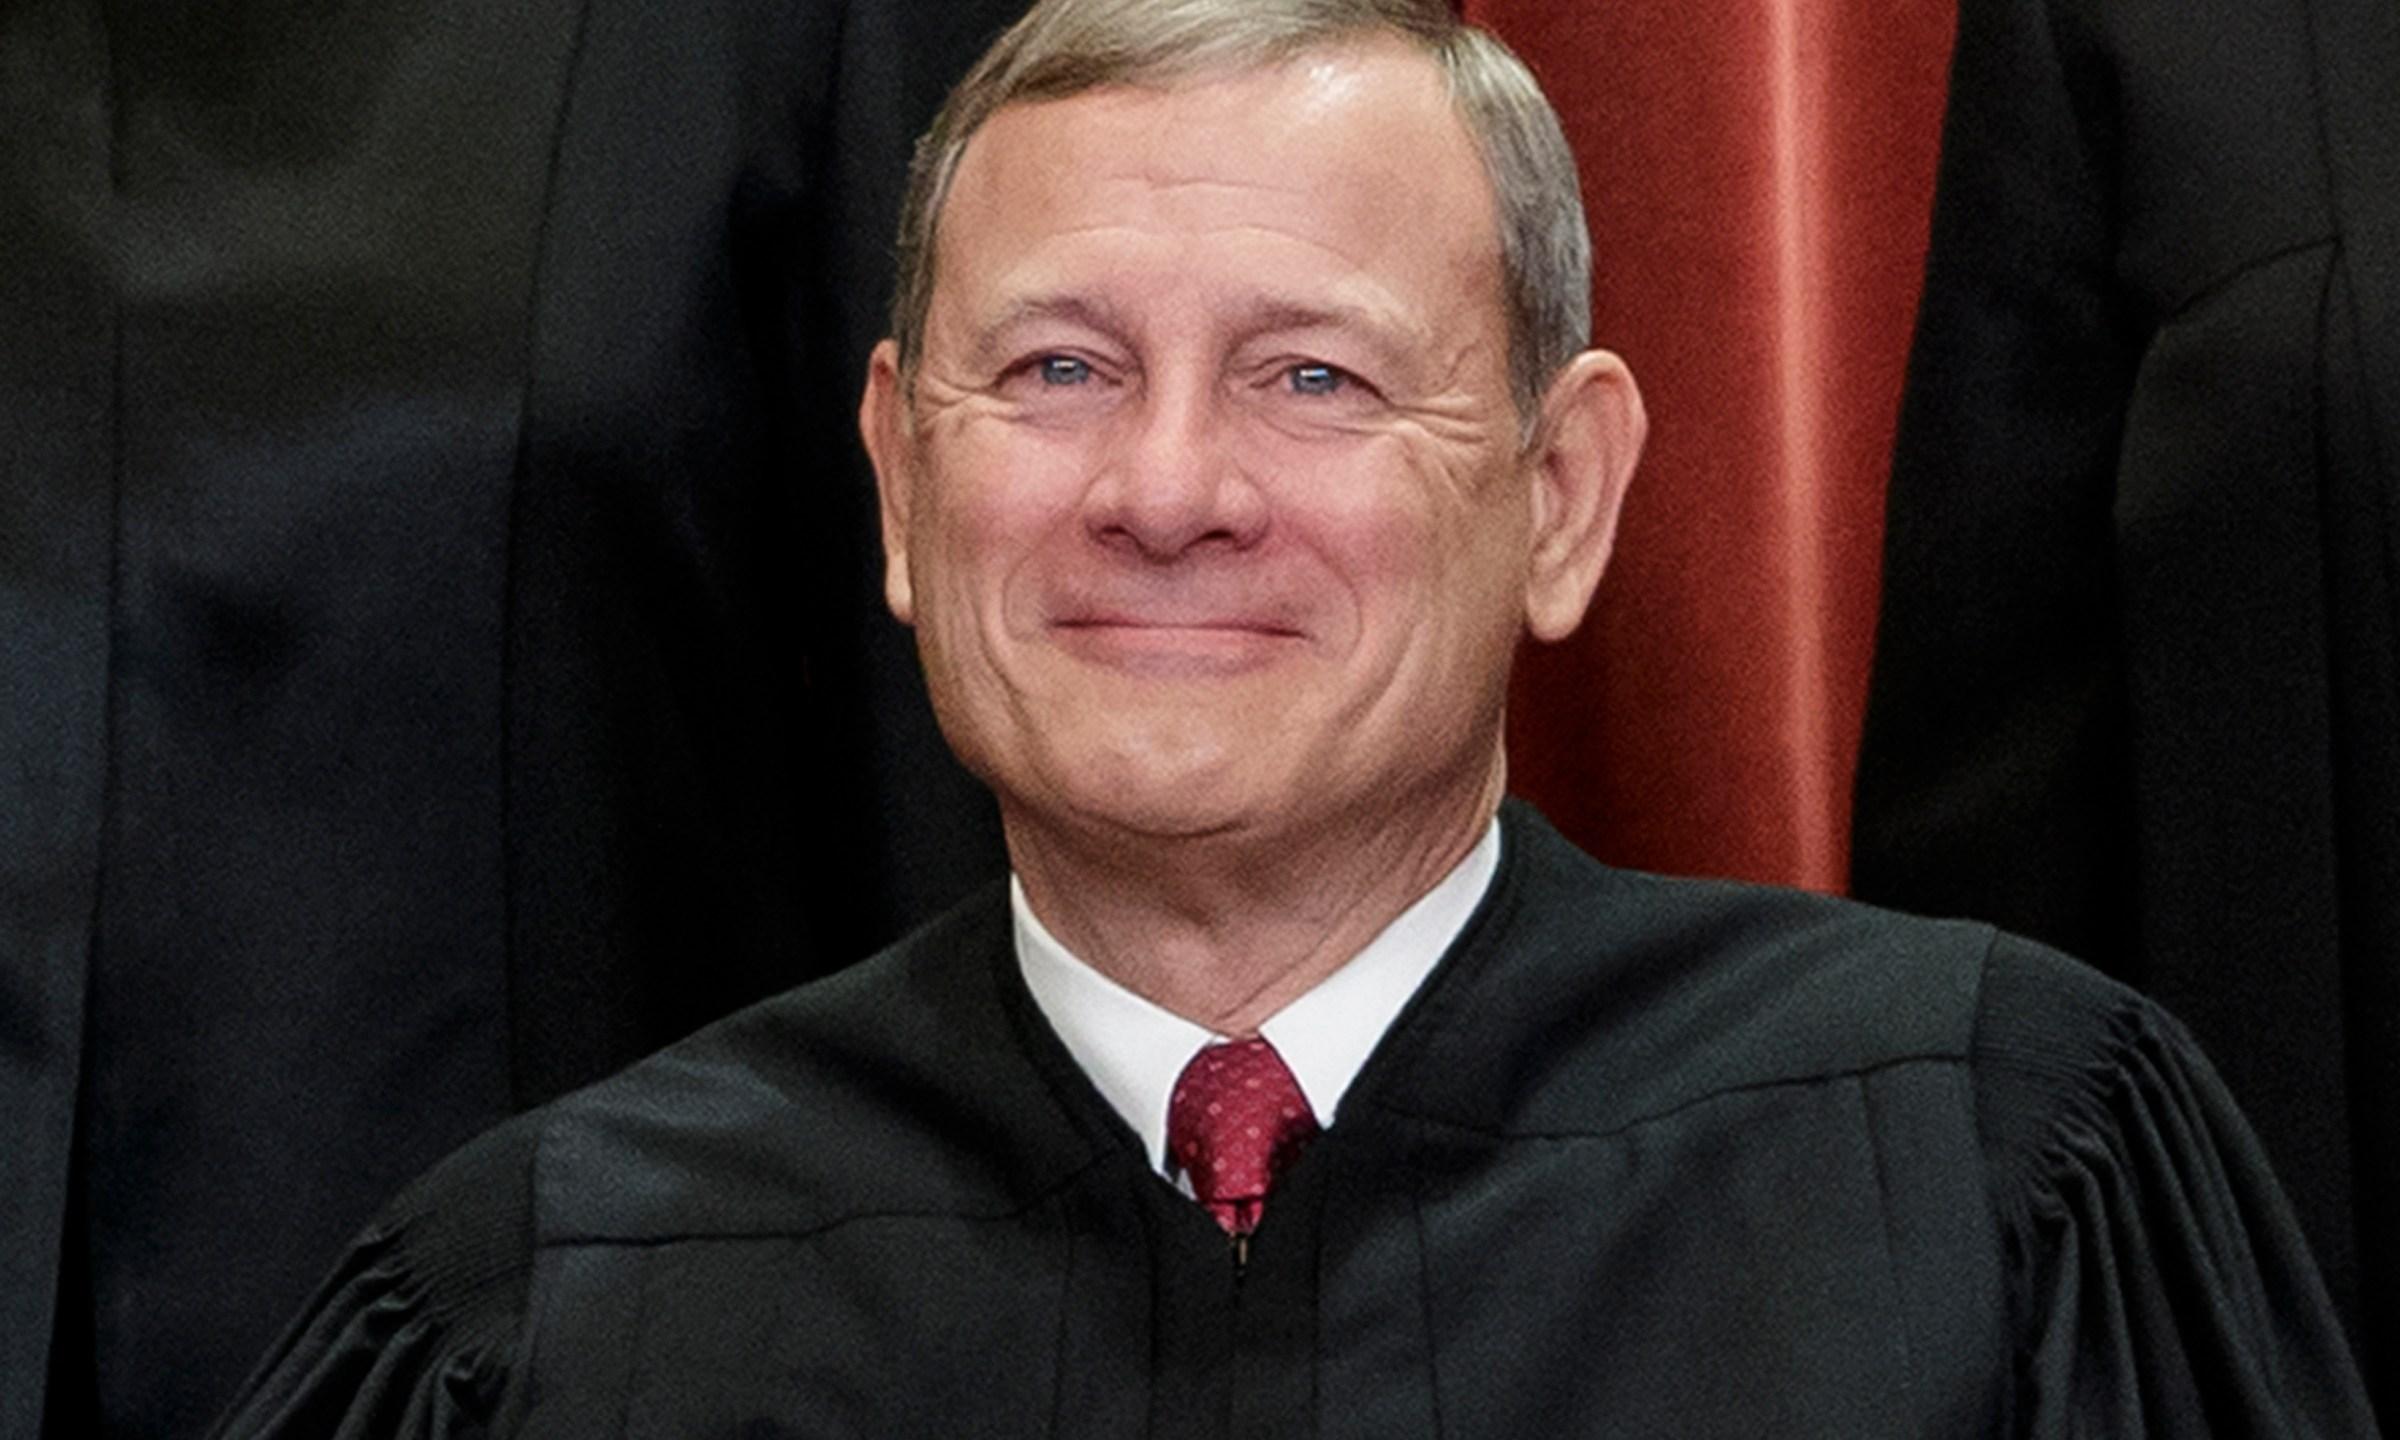 John G. Roberts